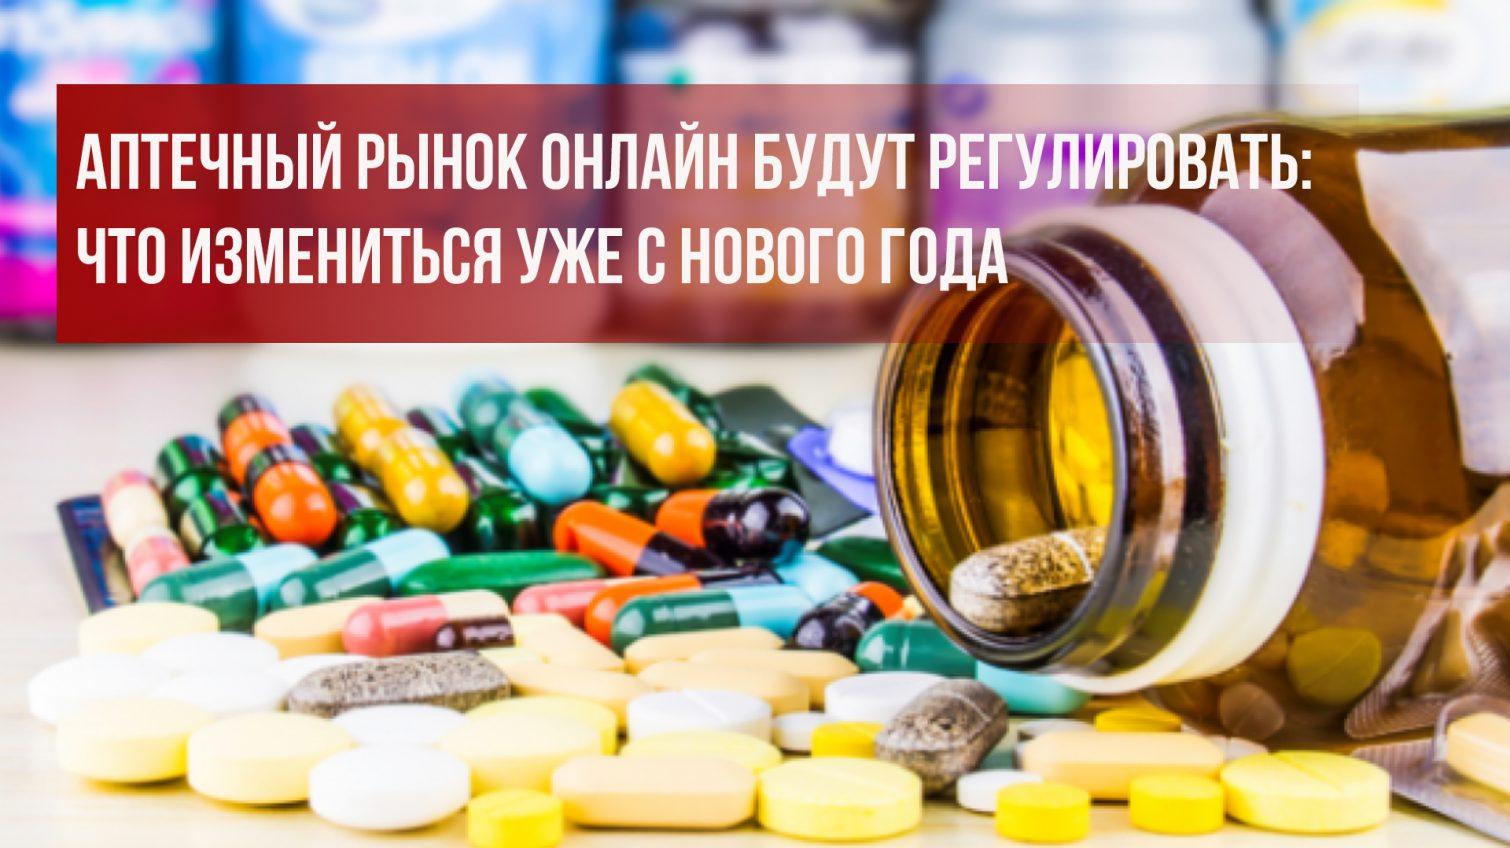 Аптечный рынок онлайн будут регулировать: что изменится уже с Нового года «фото»